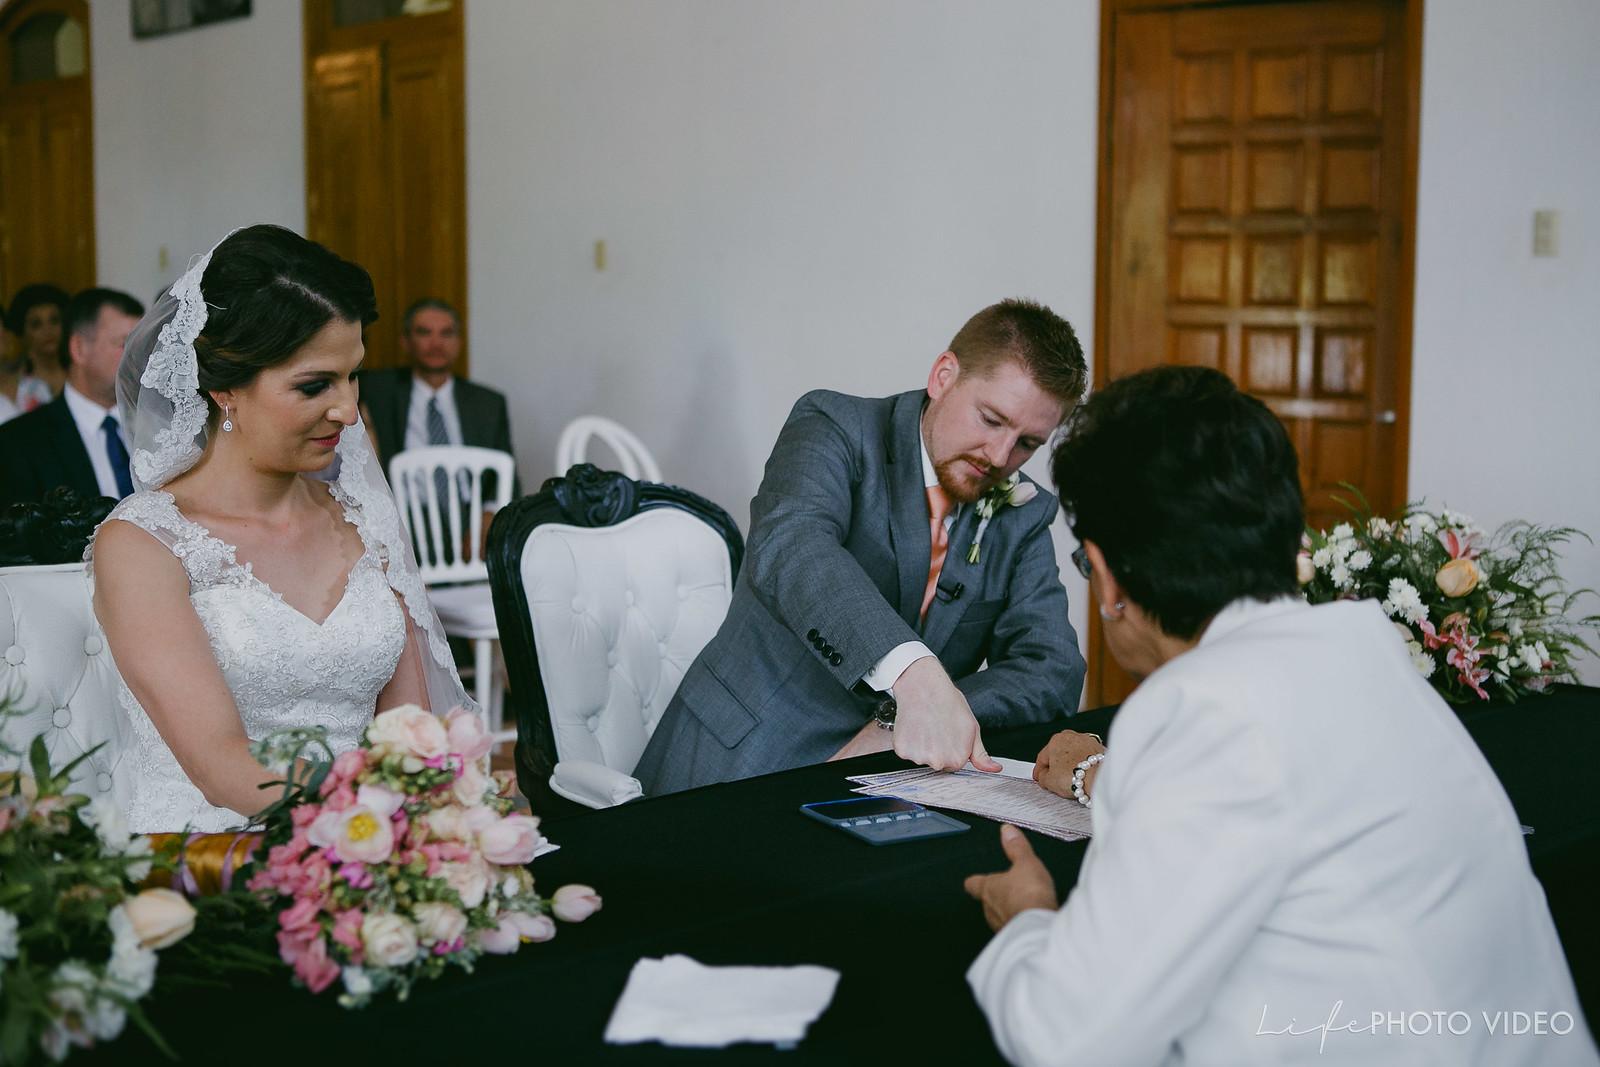 LifePhotoVideo_Boda_LeonGto_Wedding_0041.jpg